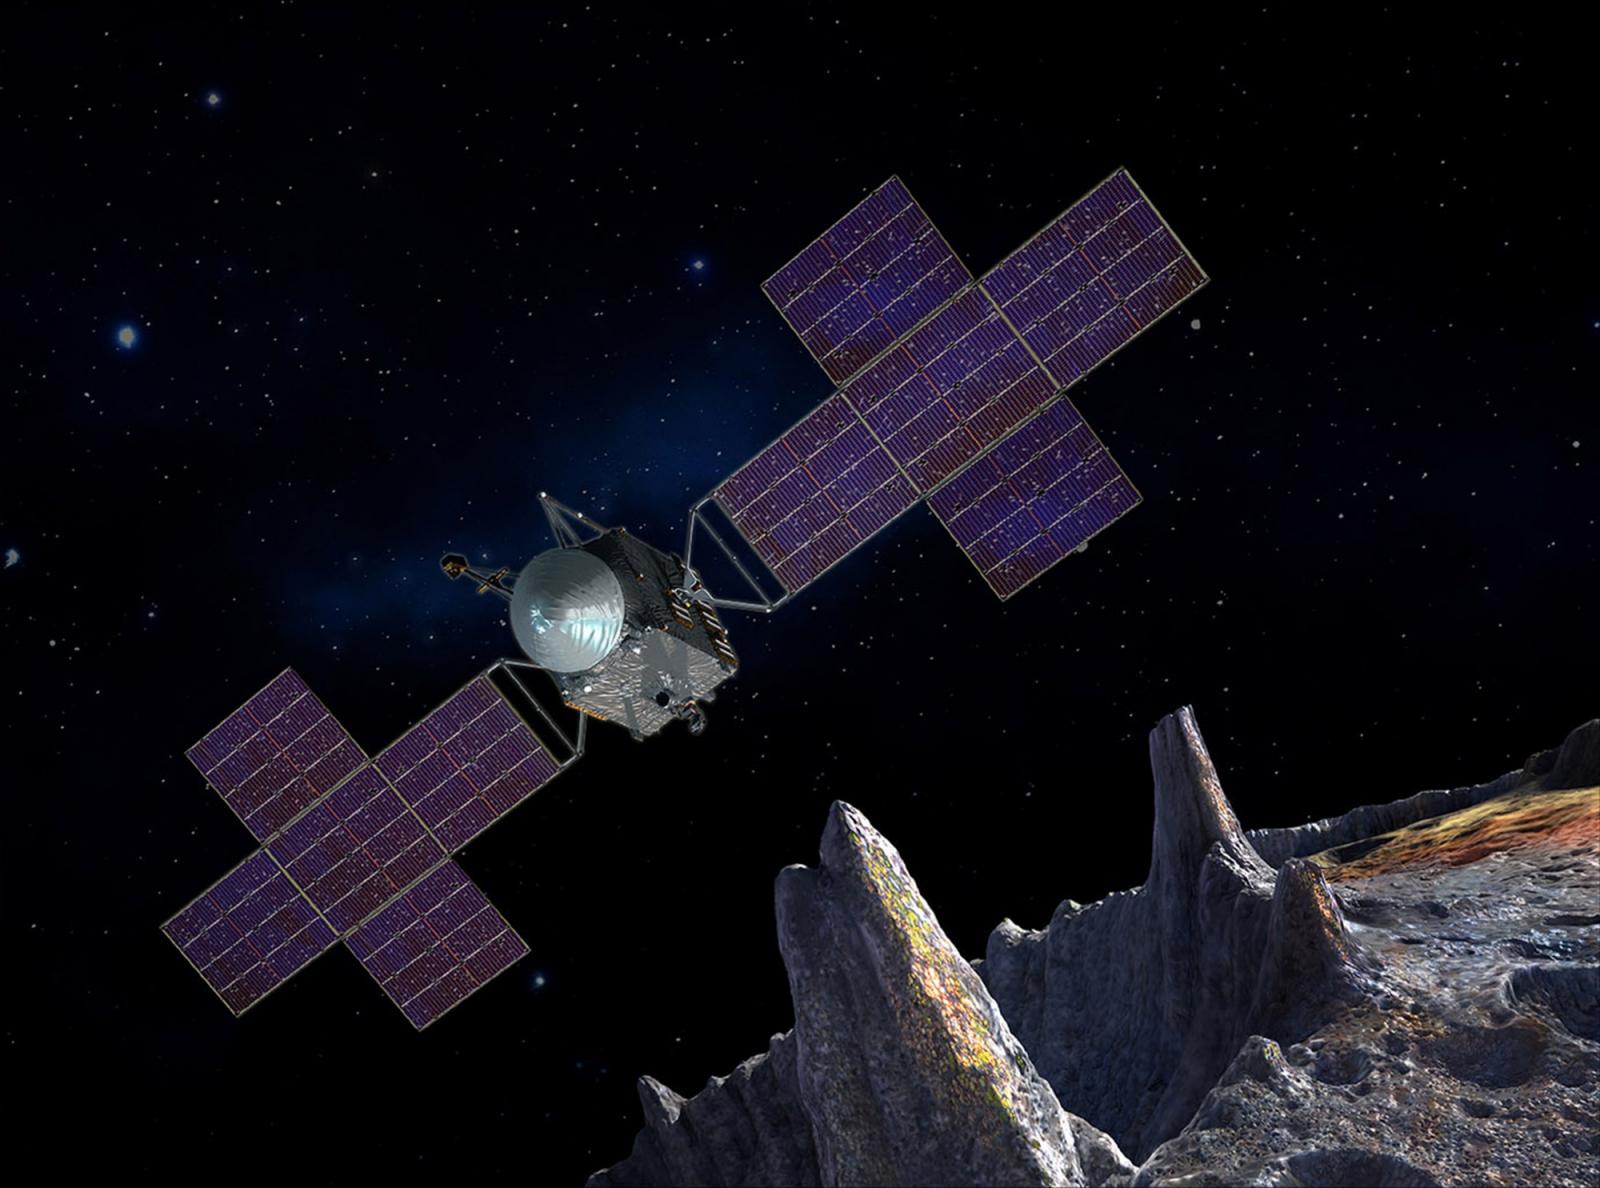 Representació artística de la sonda Psyche arribant a l'asteroide que li ha donat nom